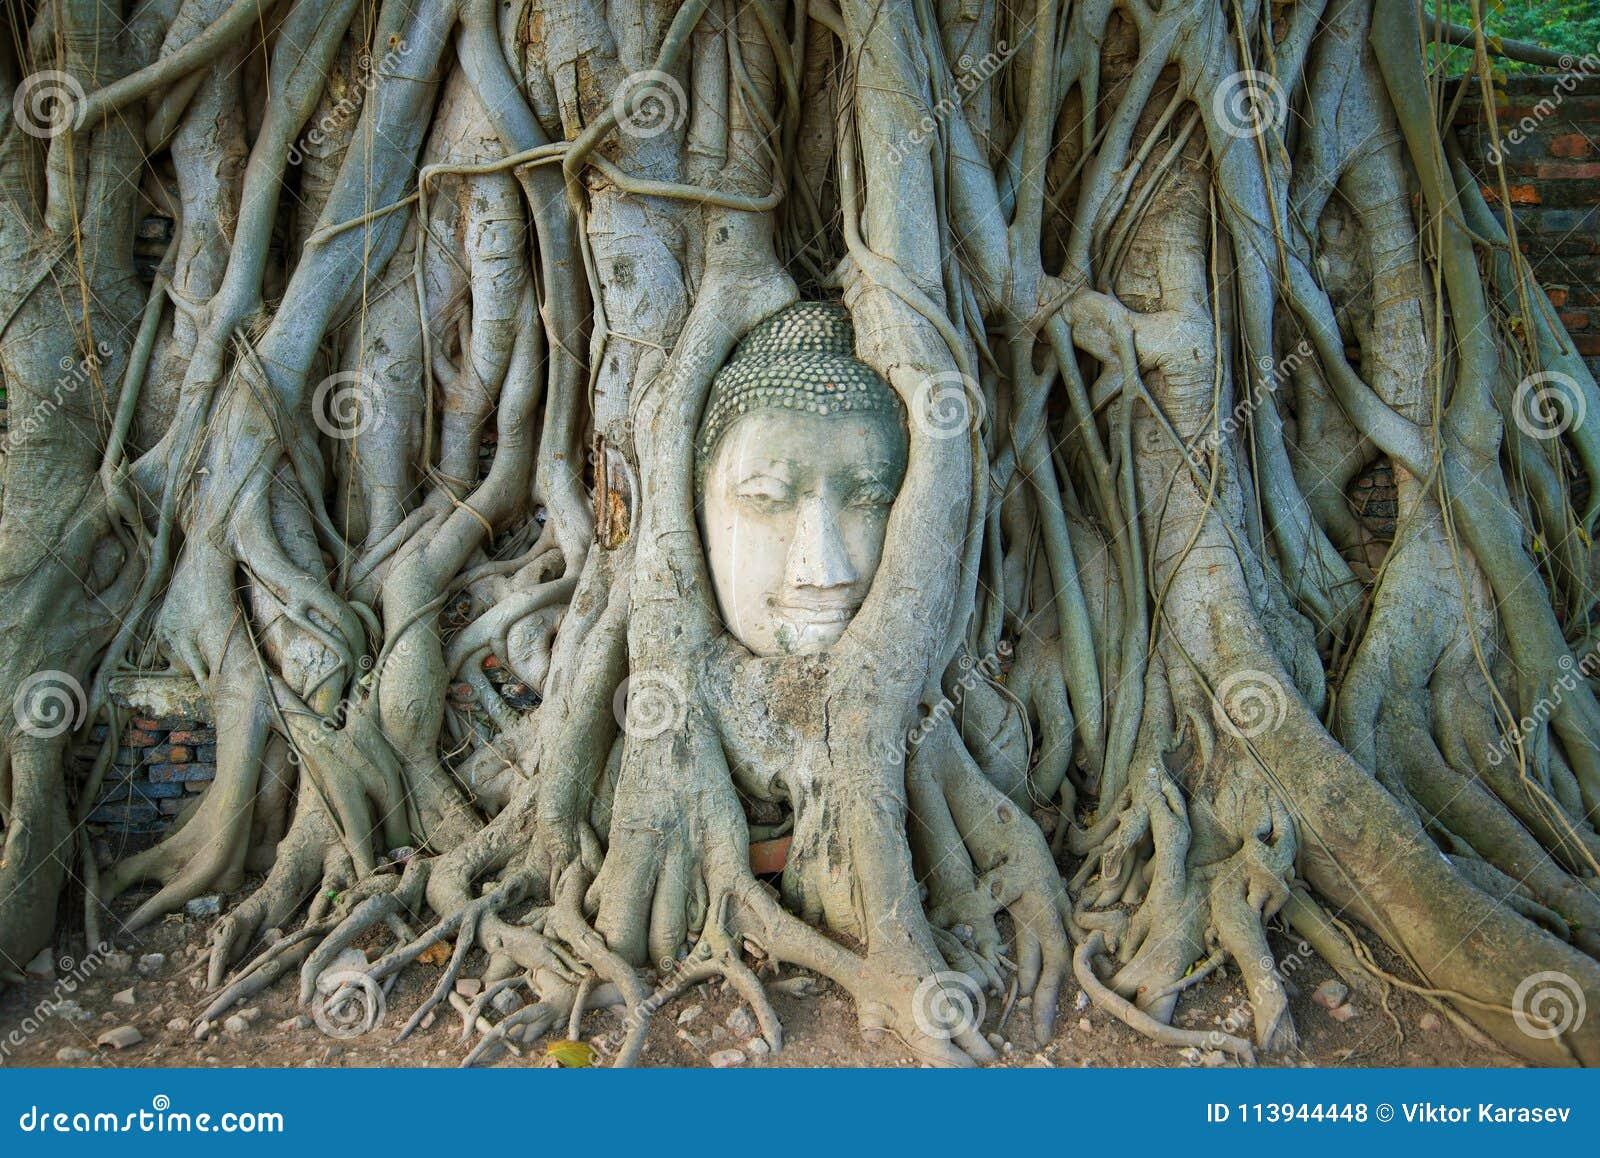 Het hoofd van het oude beeldhouwwerk van Boedha is ingrown in de wortels van de boom Symbool van de stad van Ayutthaya, Thailand